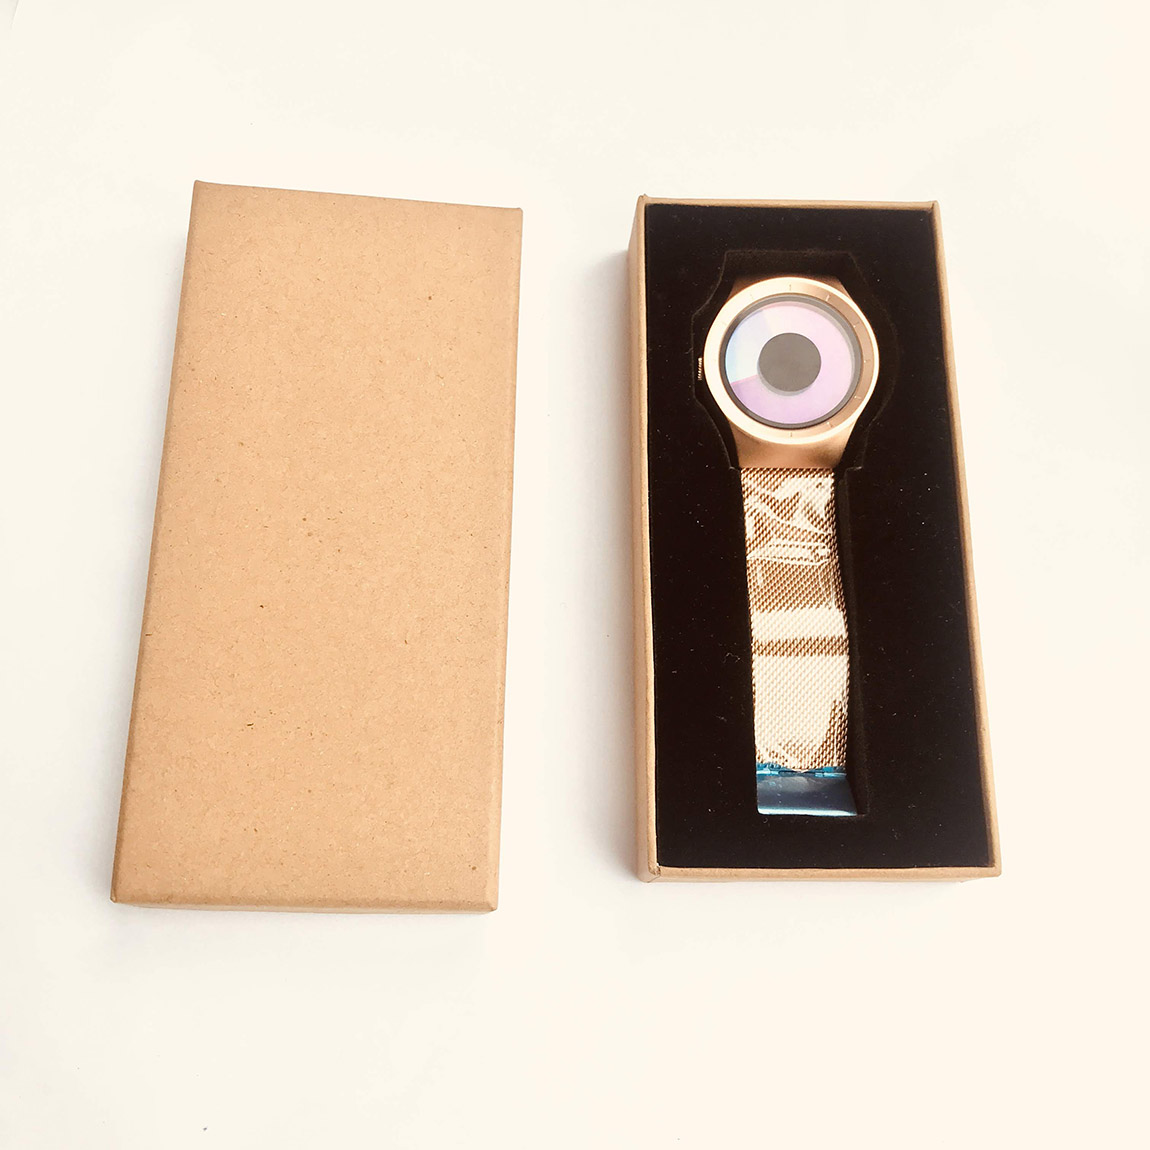 modernus moteriskas laikrodis  dovanos moterims merginai panelei siuolaikiskas modernus isskirtinis unikalus orginalus moteriskas laikrodis sportiska98